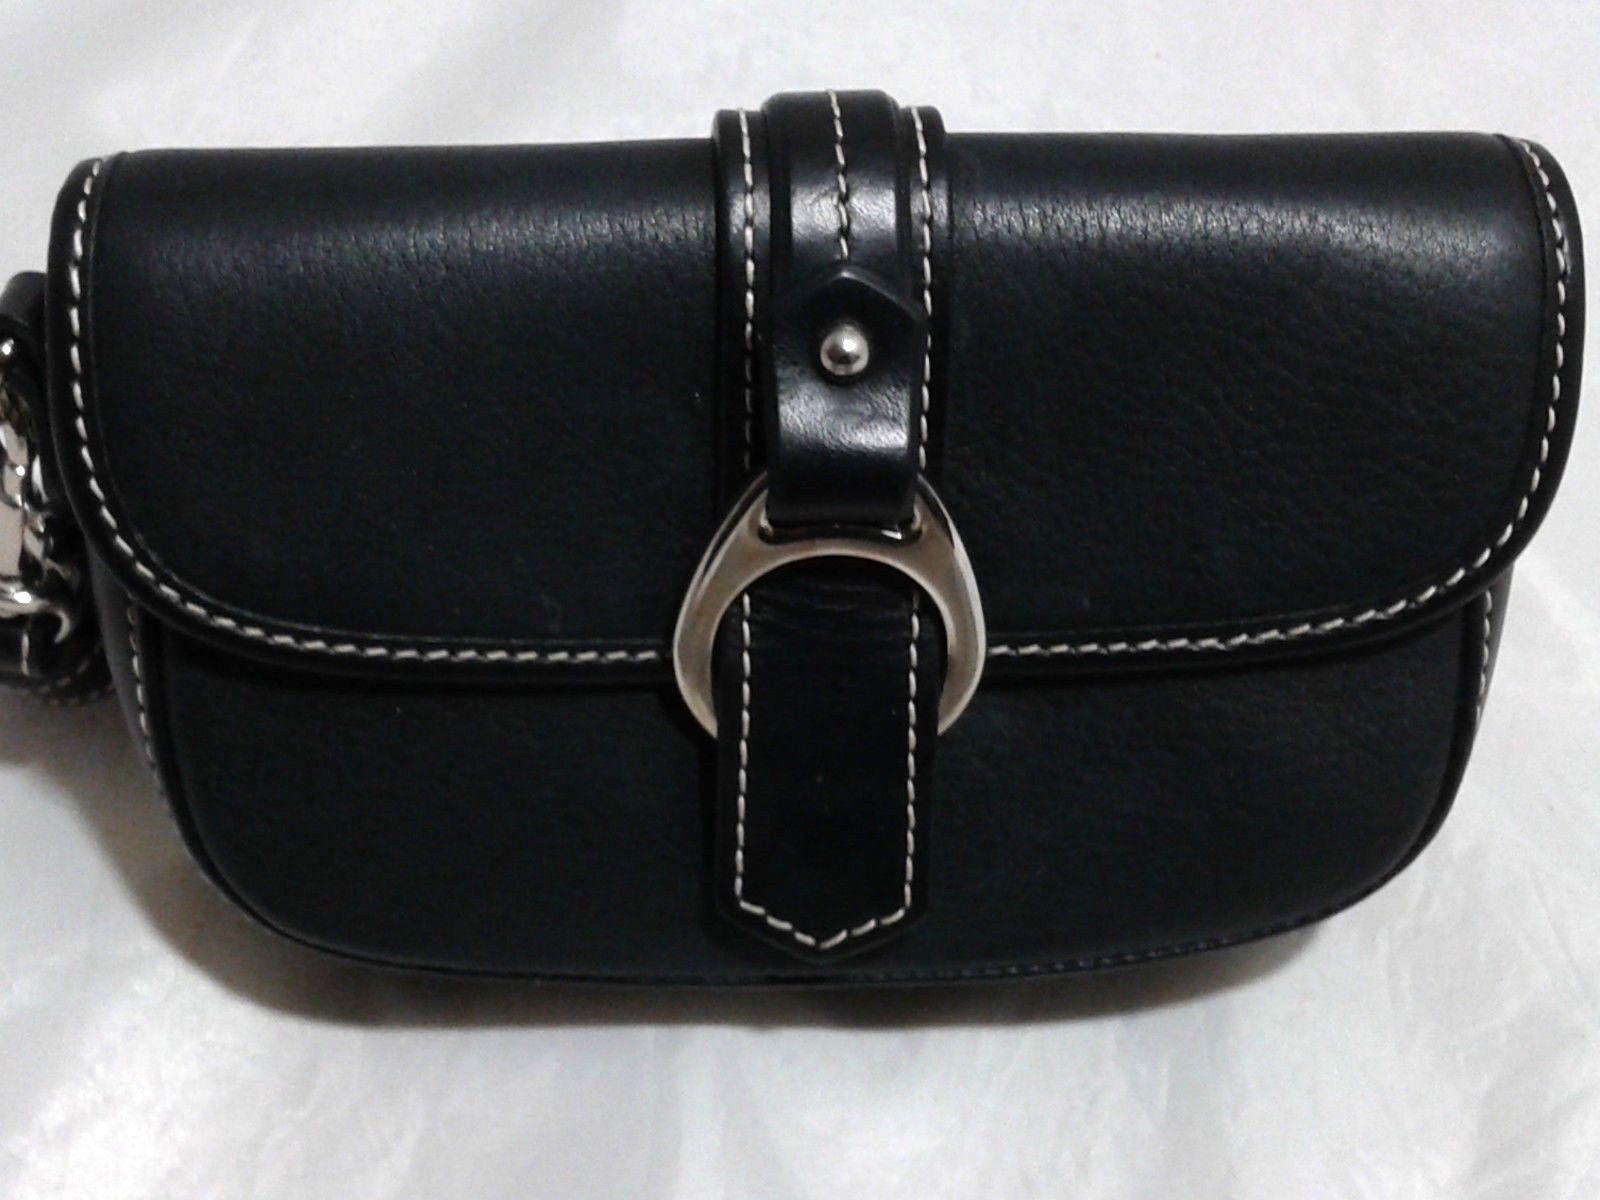 Dooney & Bourke Black Leather Flap Wristlet Purse Wallet